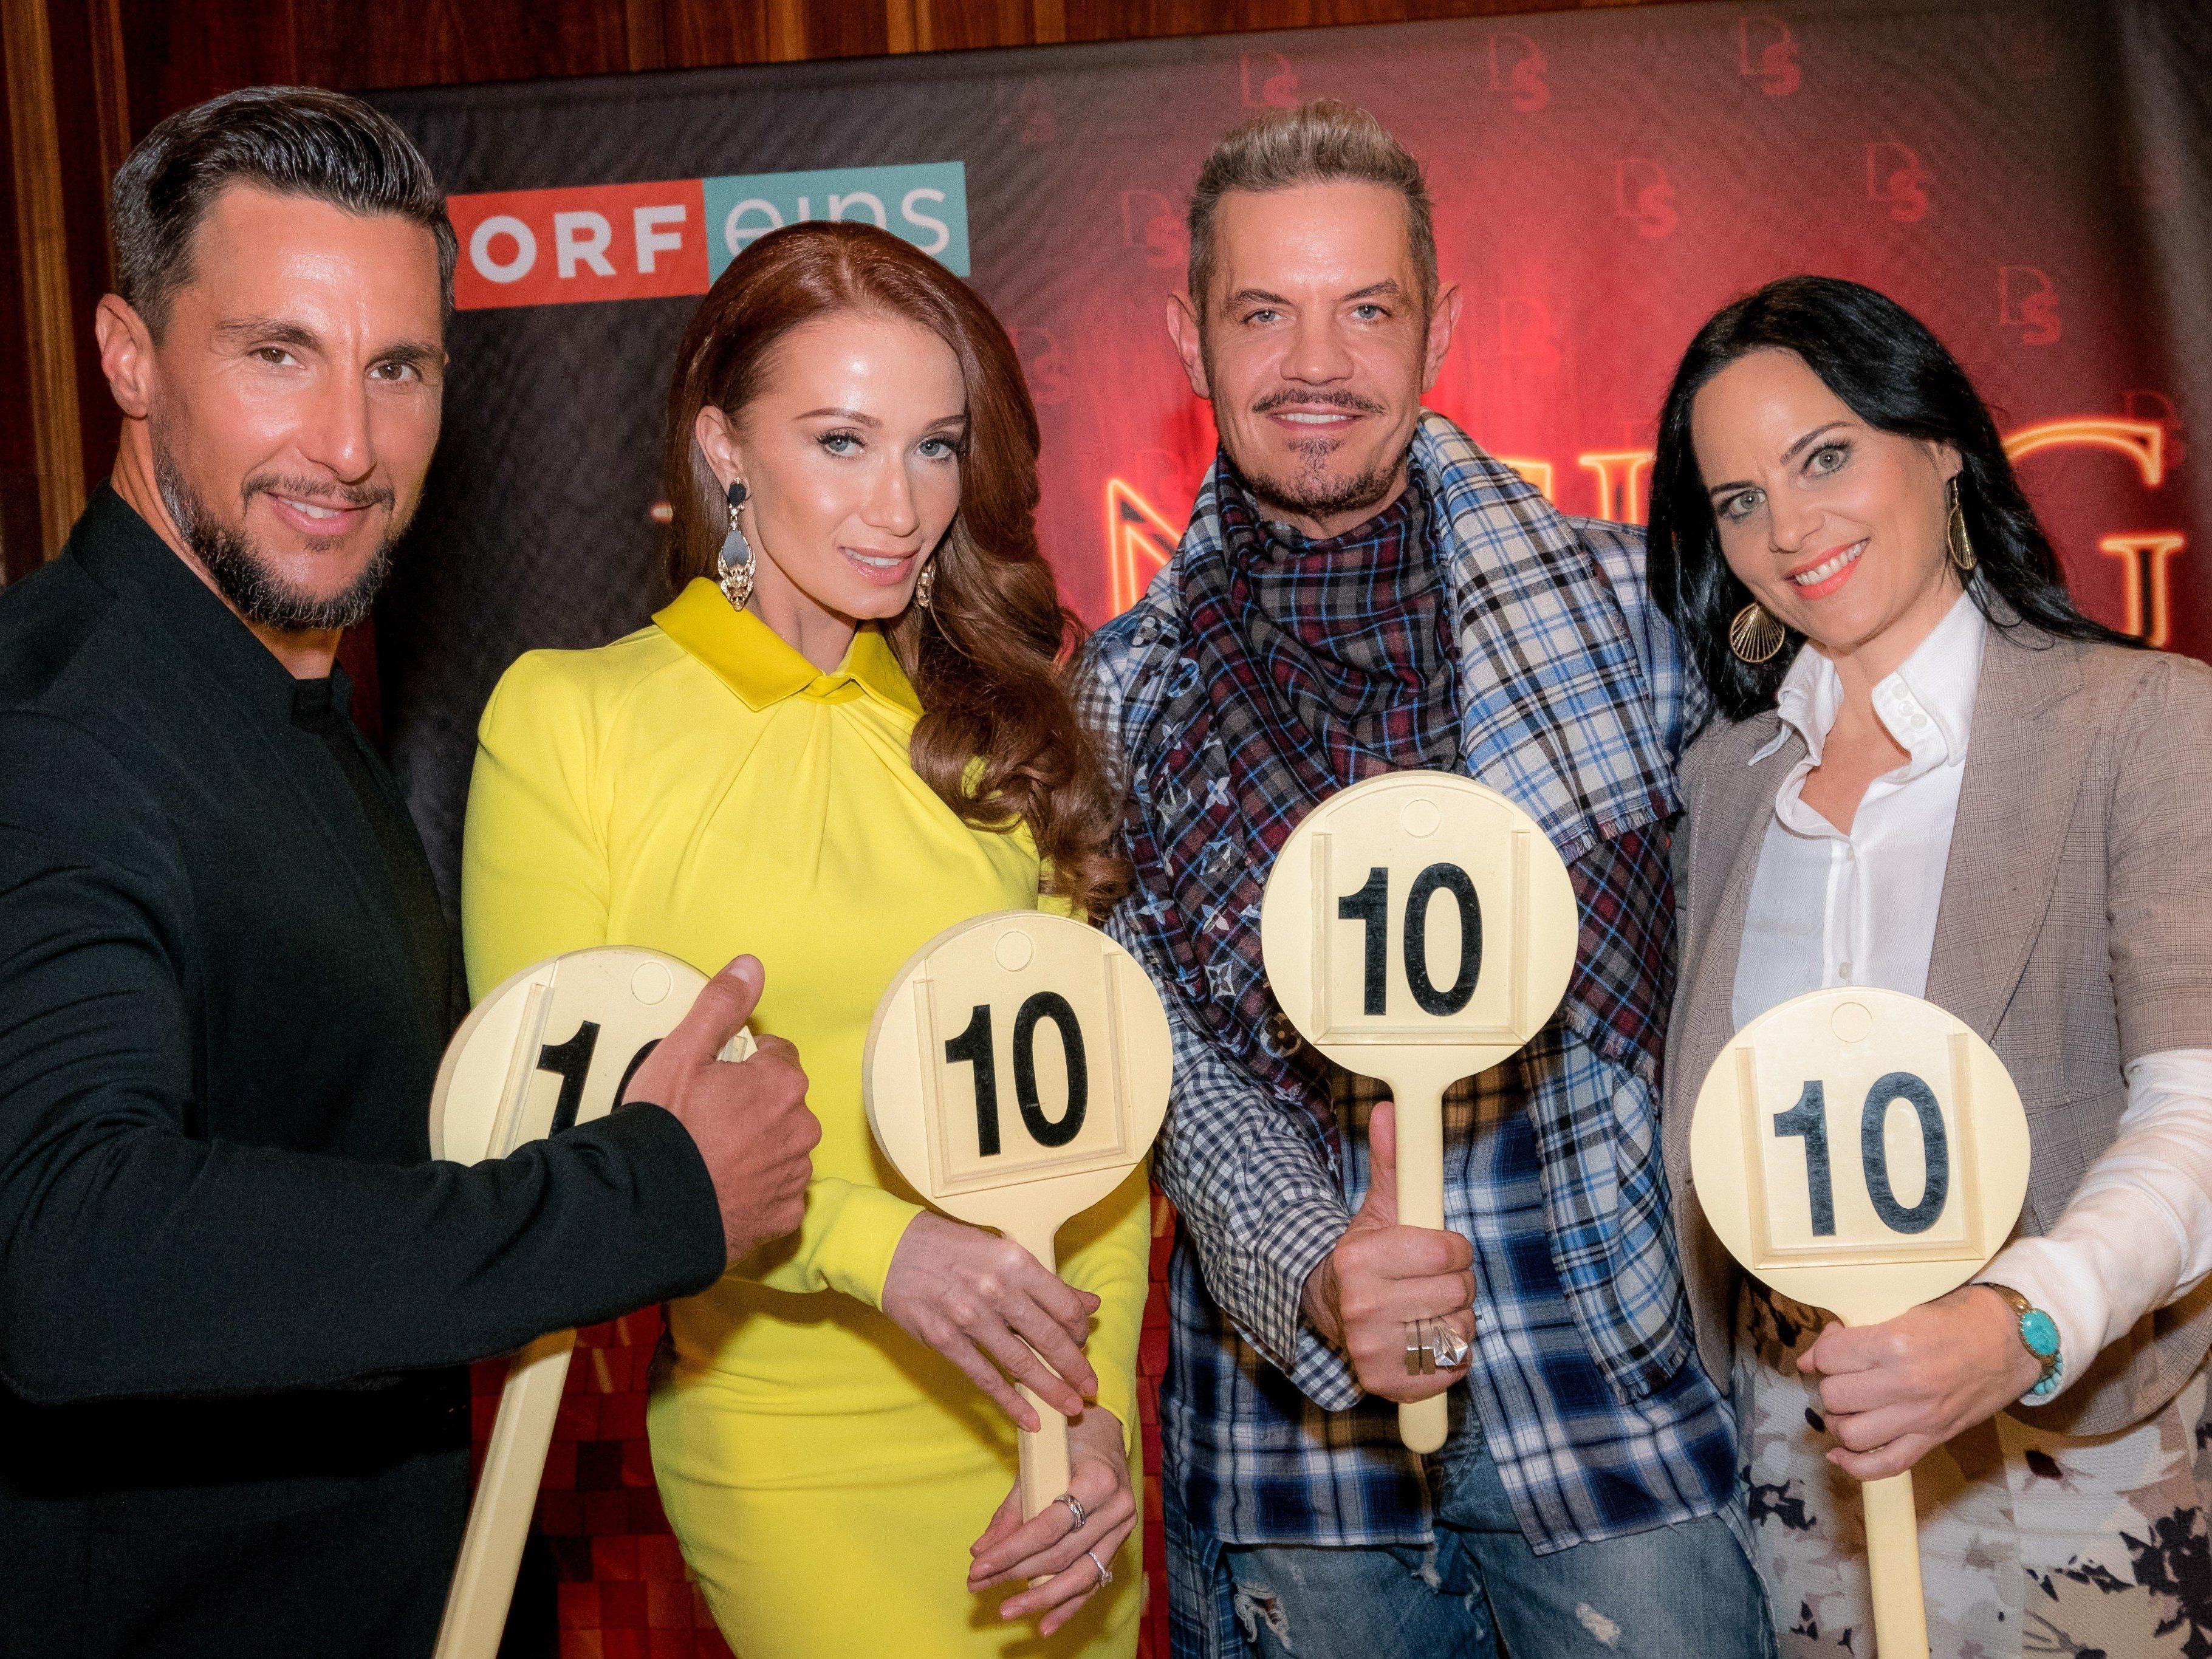 Das ist die Dancing Stars-Jury 2017: Dirk Heidemann, Karina Sarkissova, Nicole Burns-Hansen und Balázs Ekker